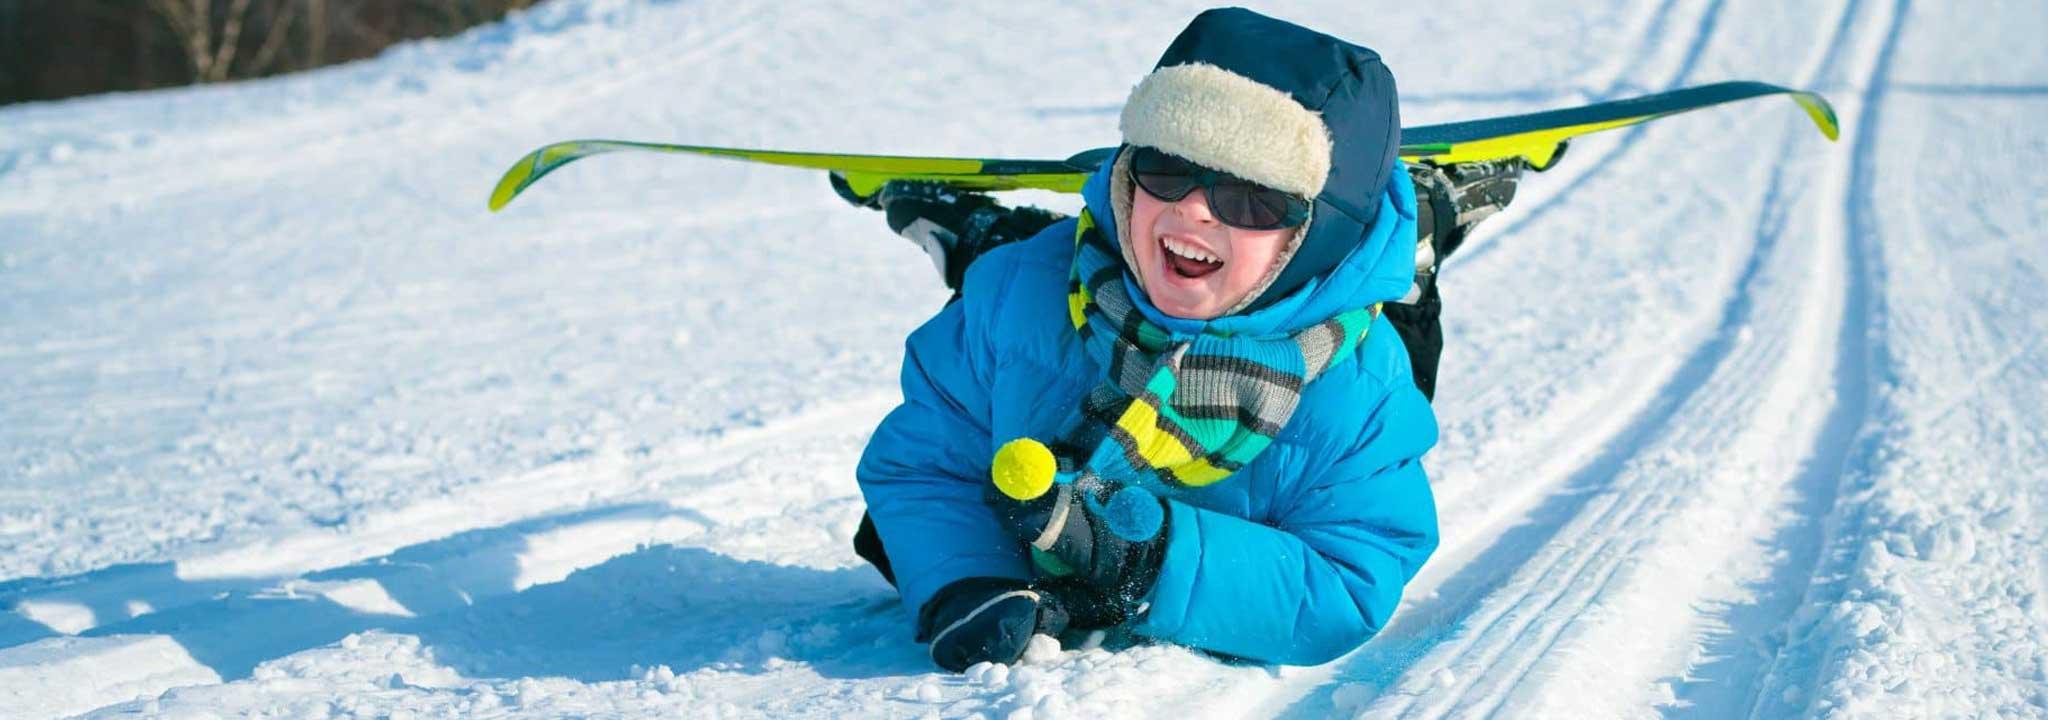 Прокат детских лыж Харьков